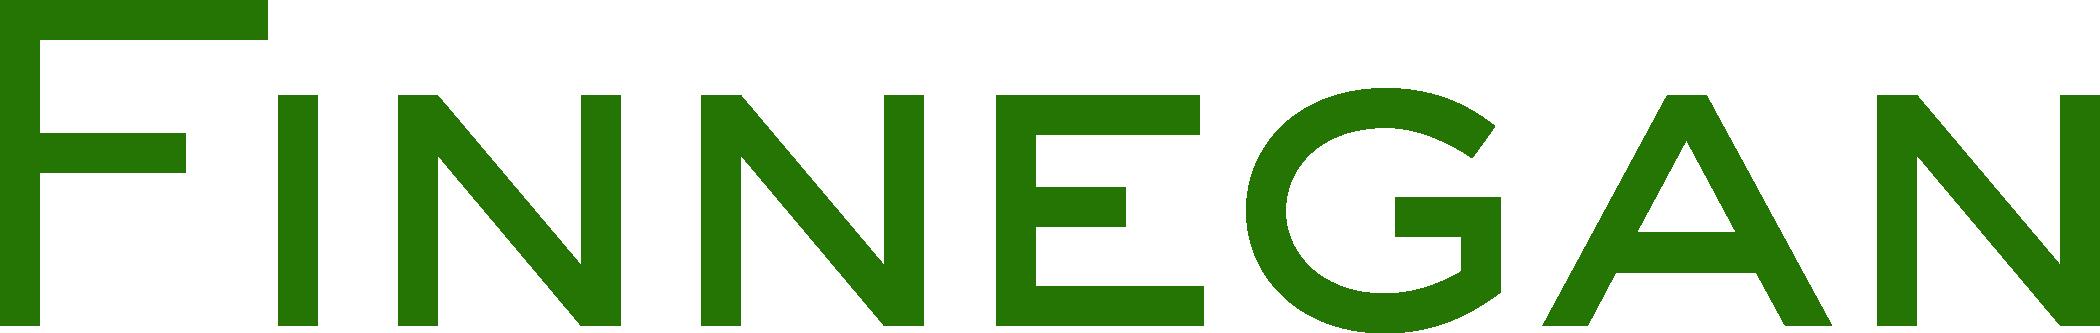 Finnegan_Logo_Web_336633_HiRes